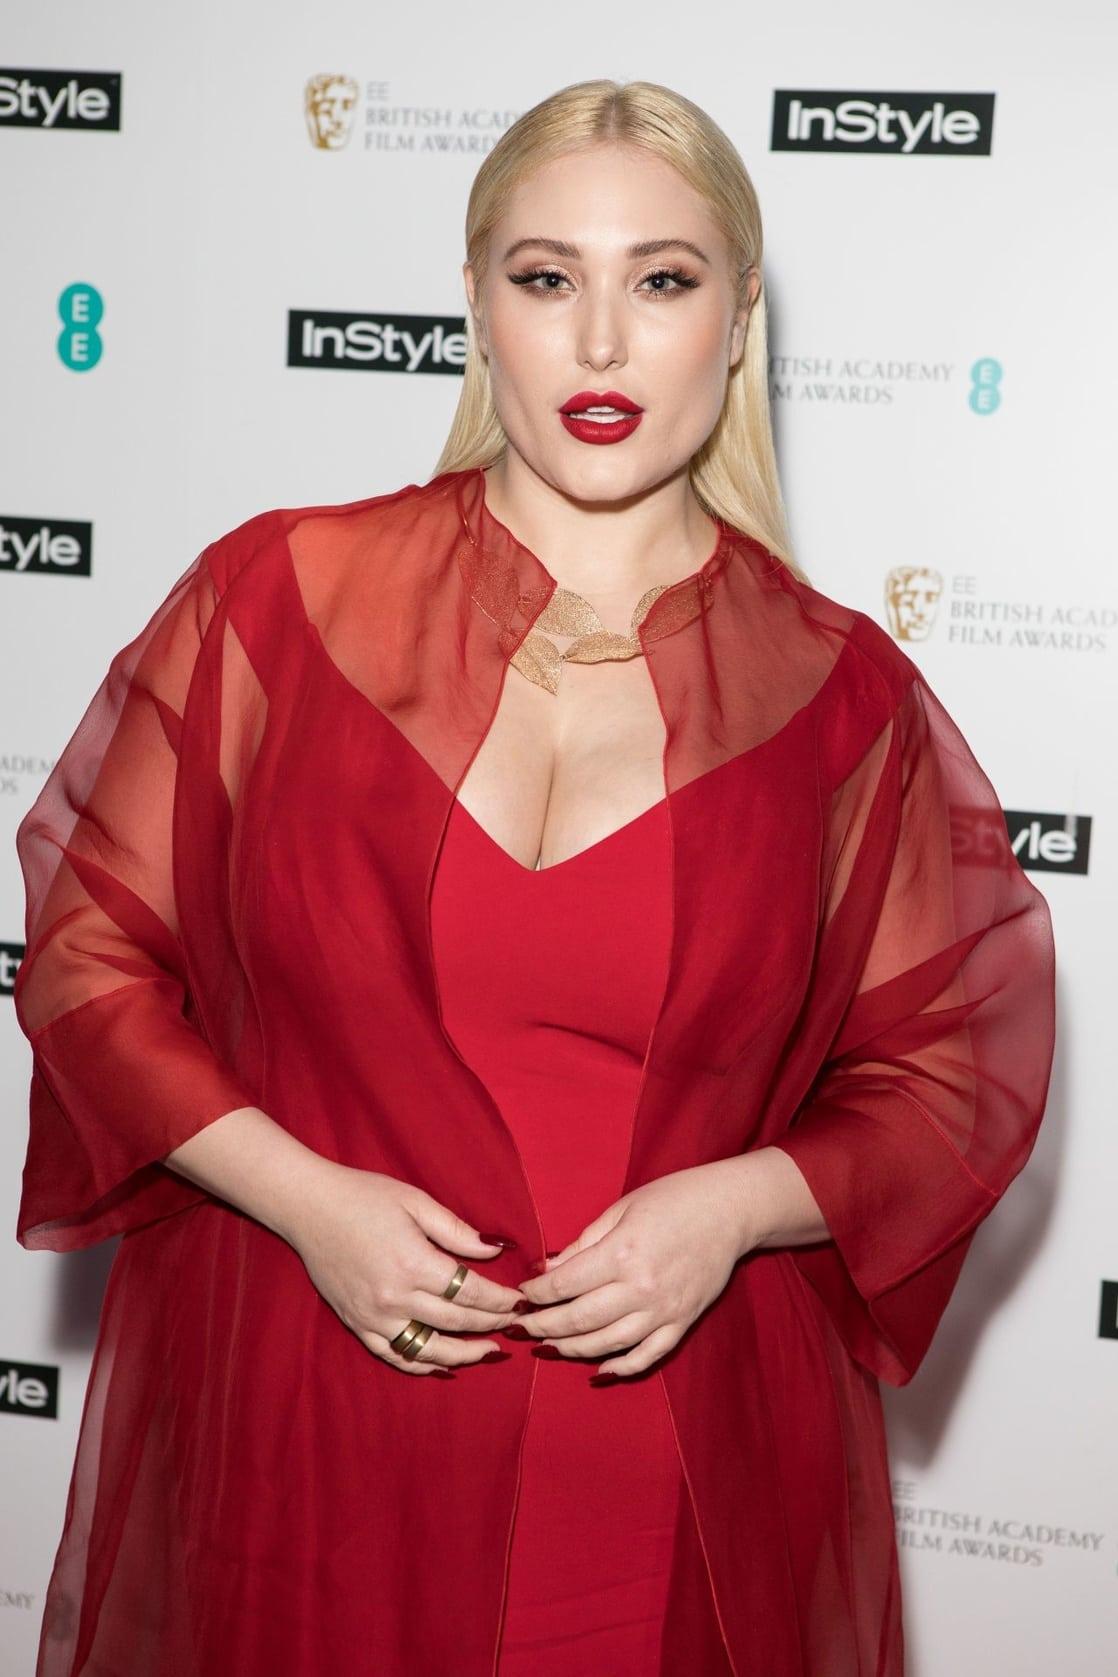 Hayley Hasselhoff, a Baywatch sztárjának lánya már nem modellkedik, hanem a brit Marie Claire-nek ír